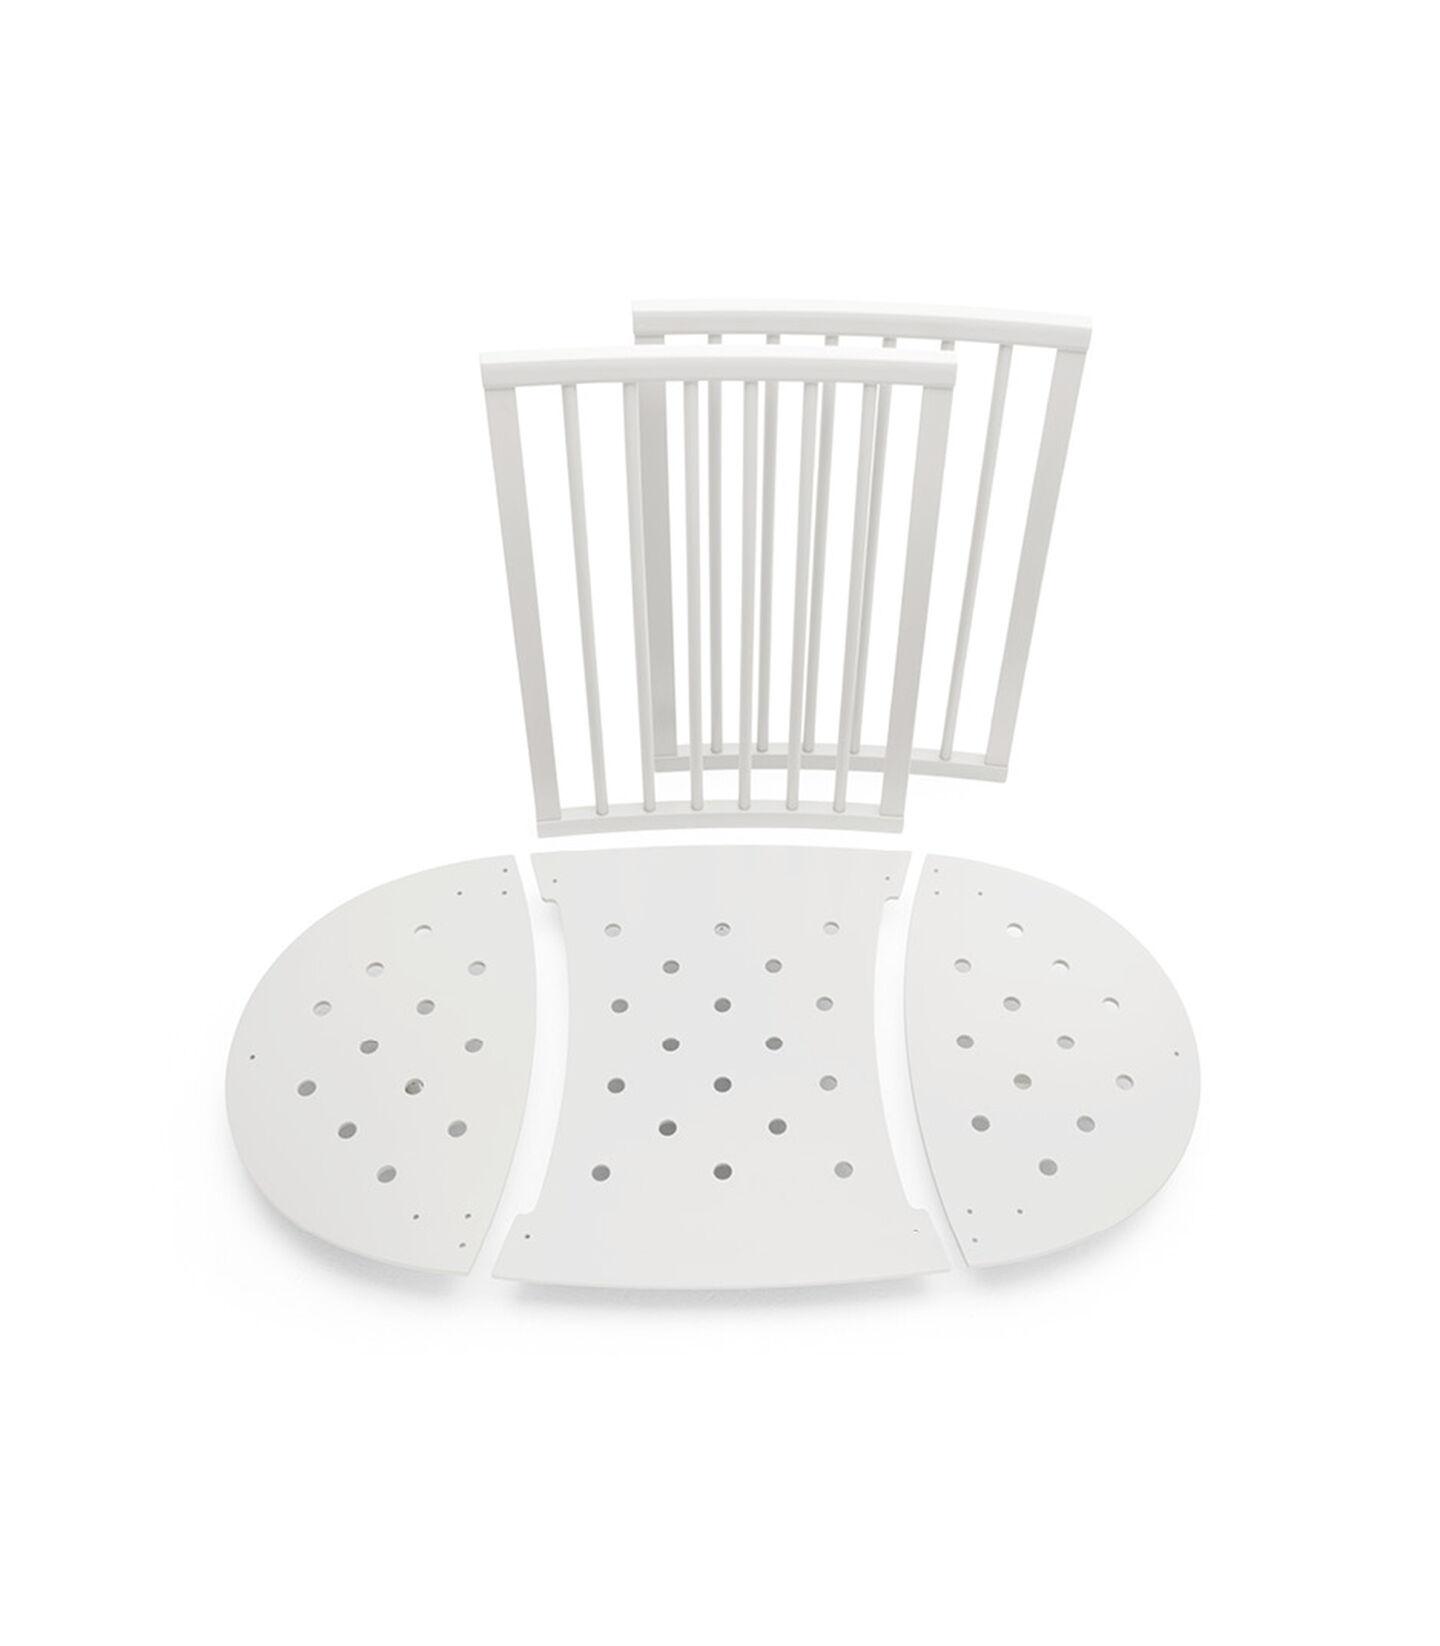 Stokke® Sleepi™ Sengeforlænger White, White, mainview view 1